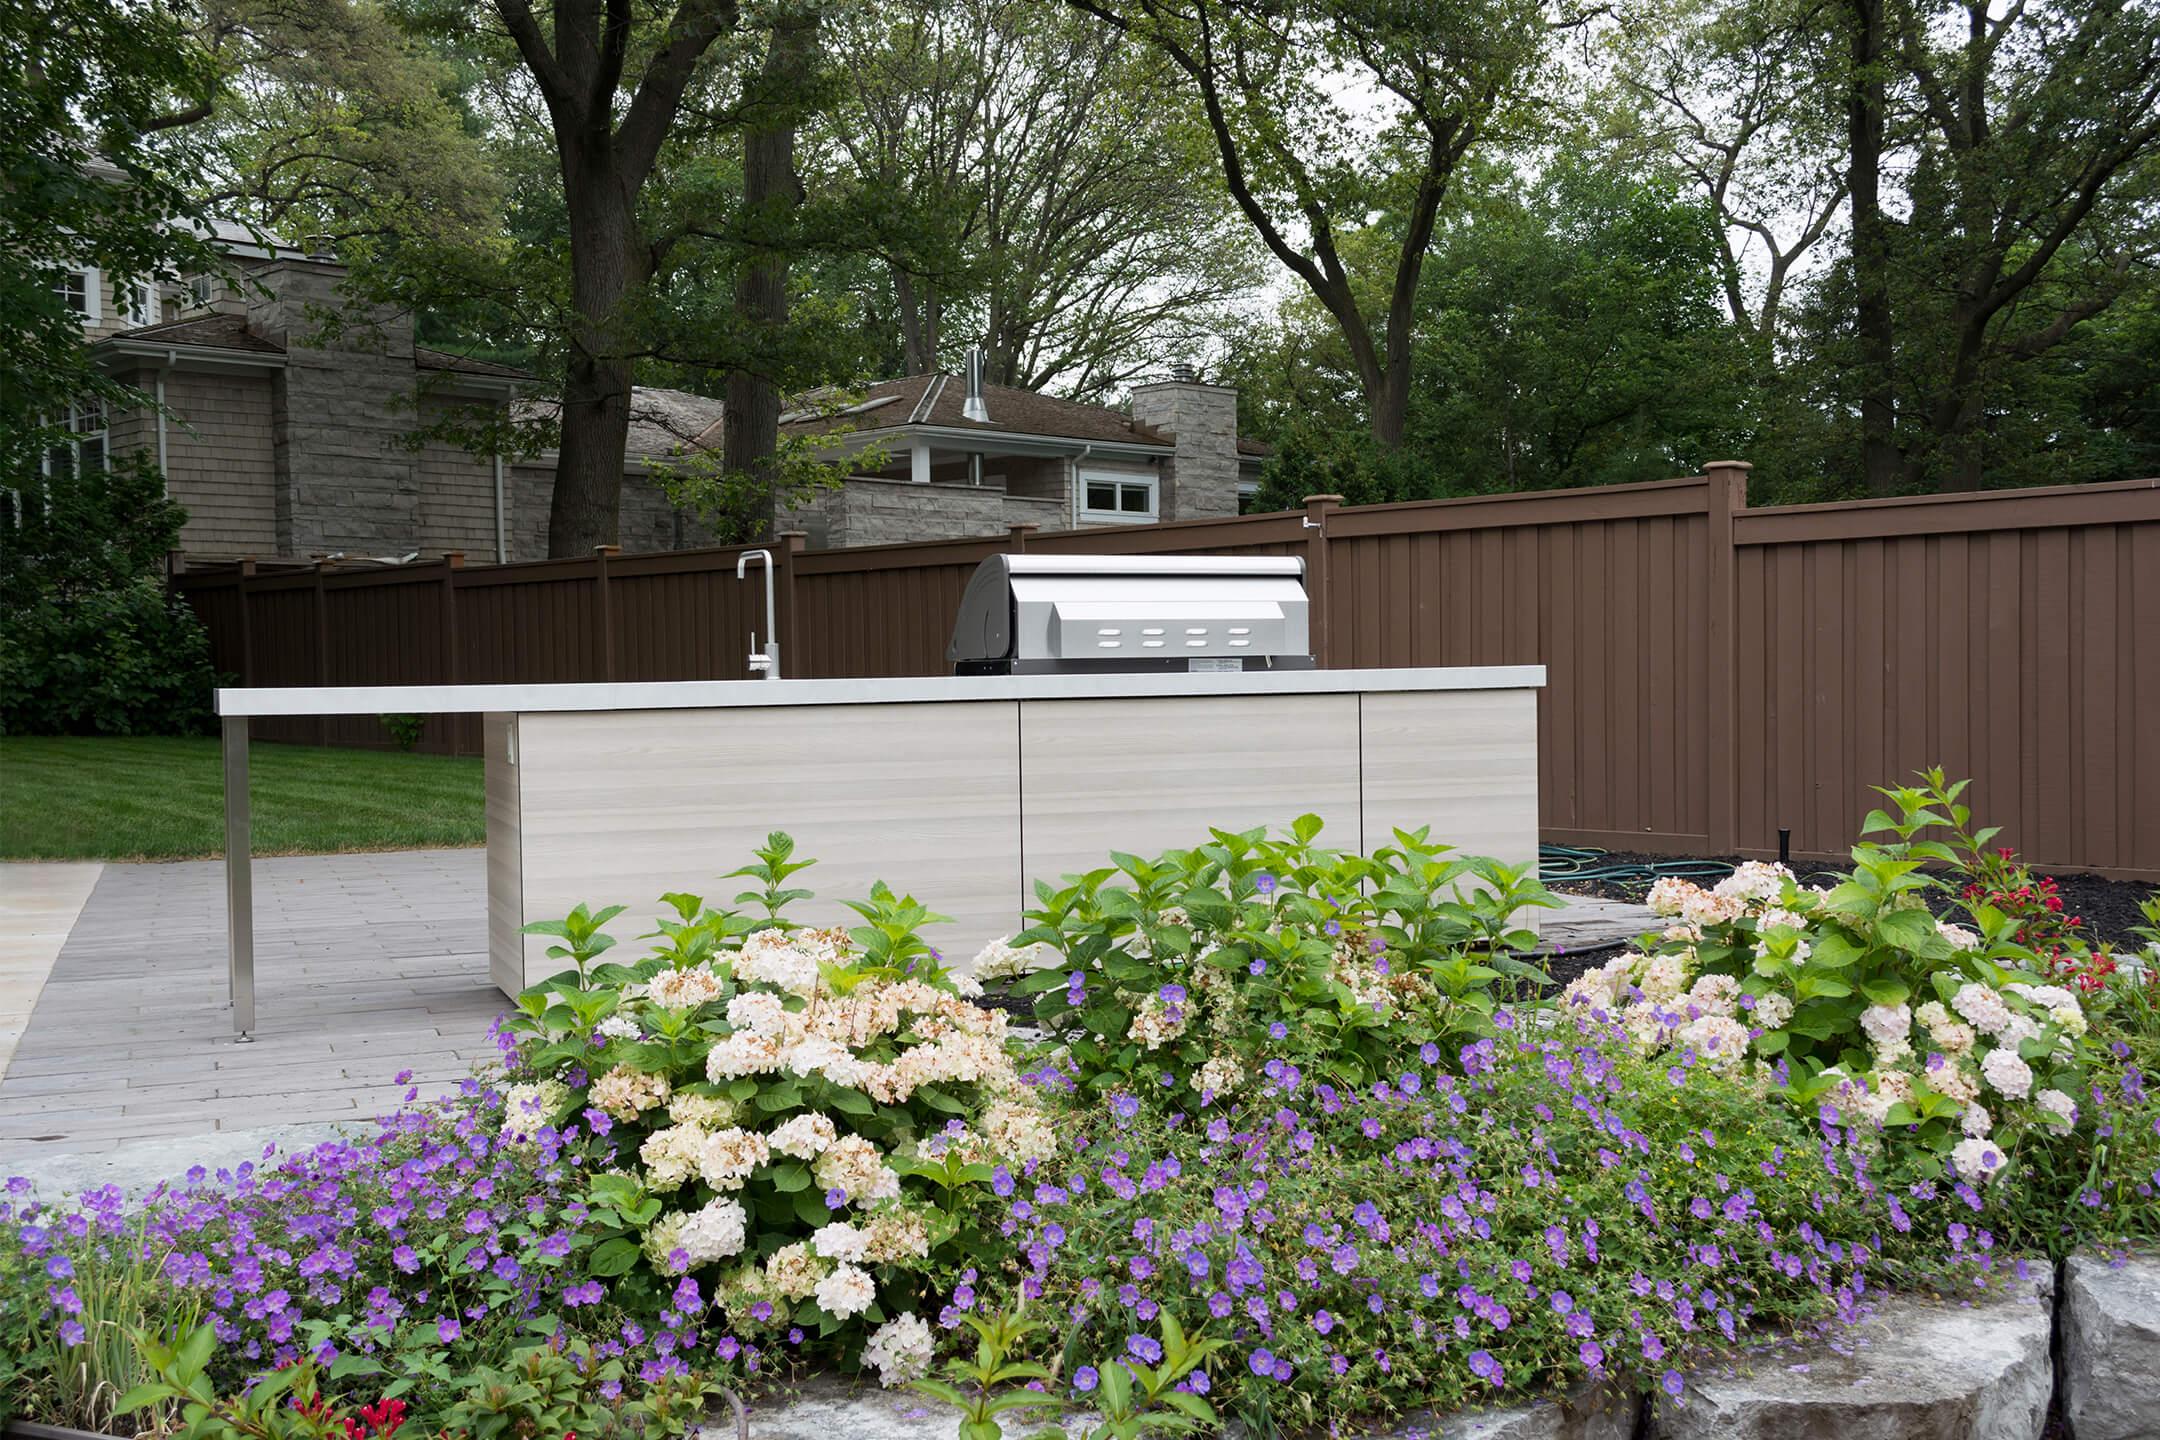 Garden Living Outdoor Kitchens - 9.jpg